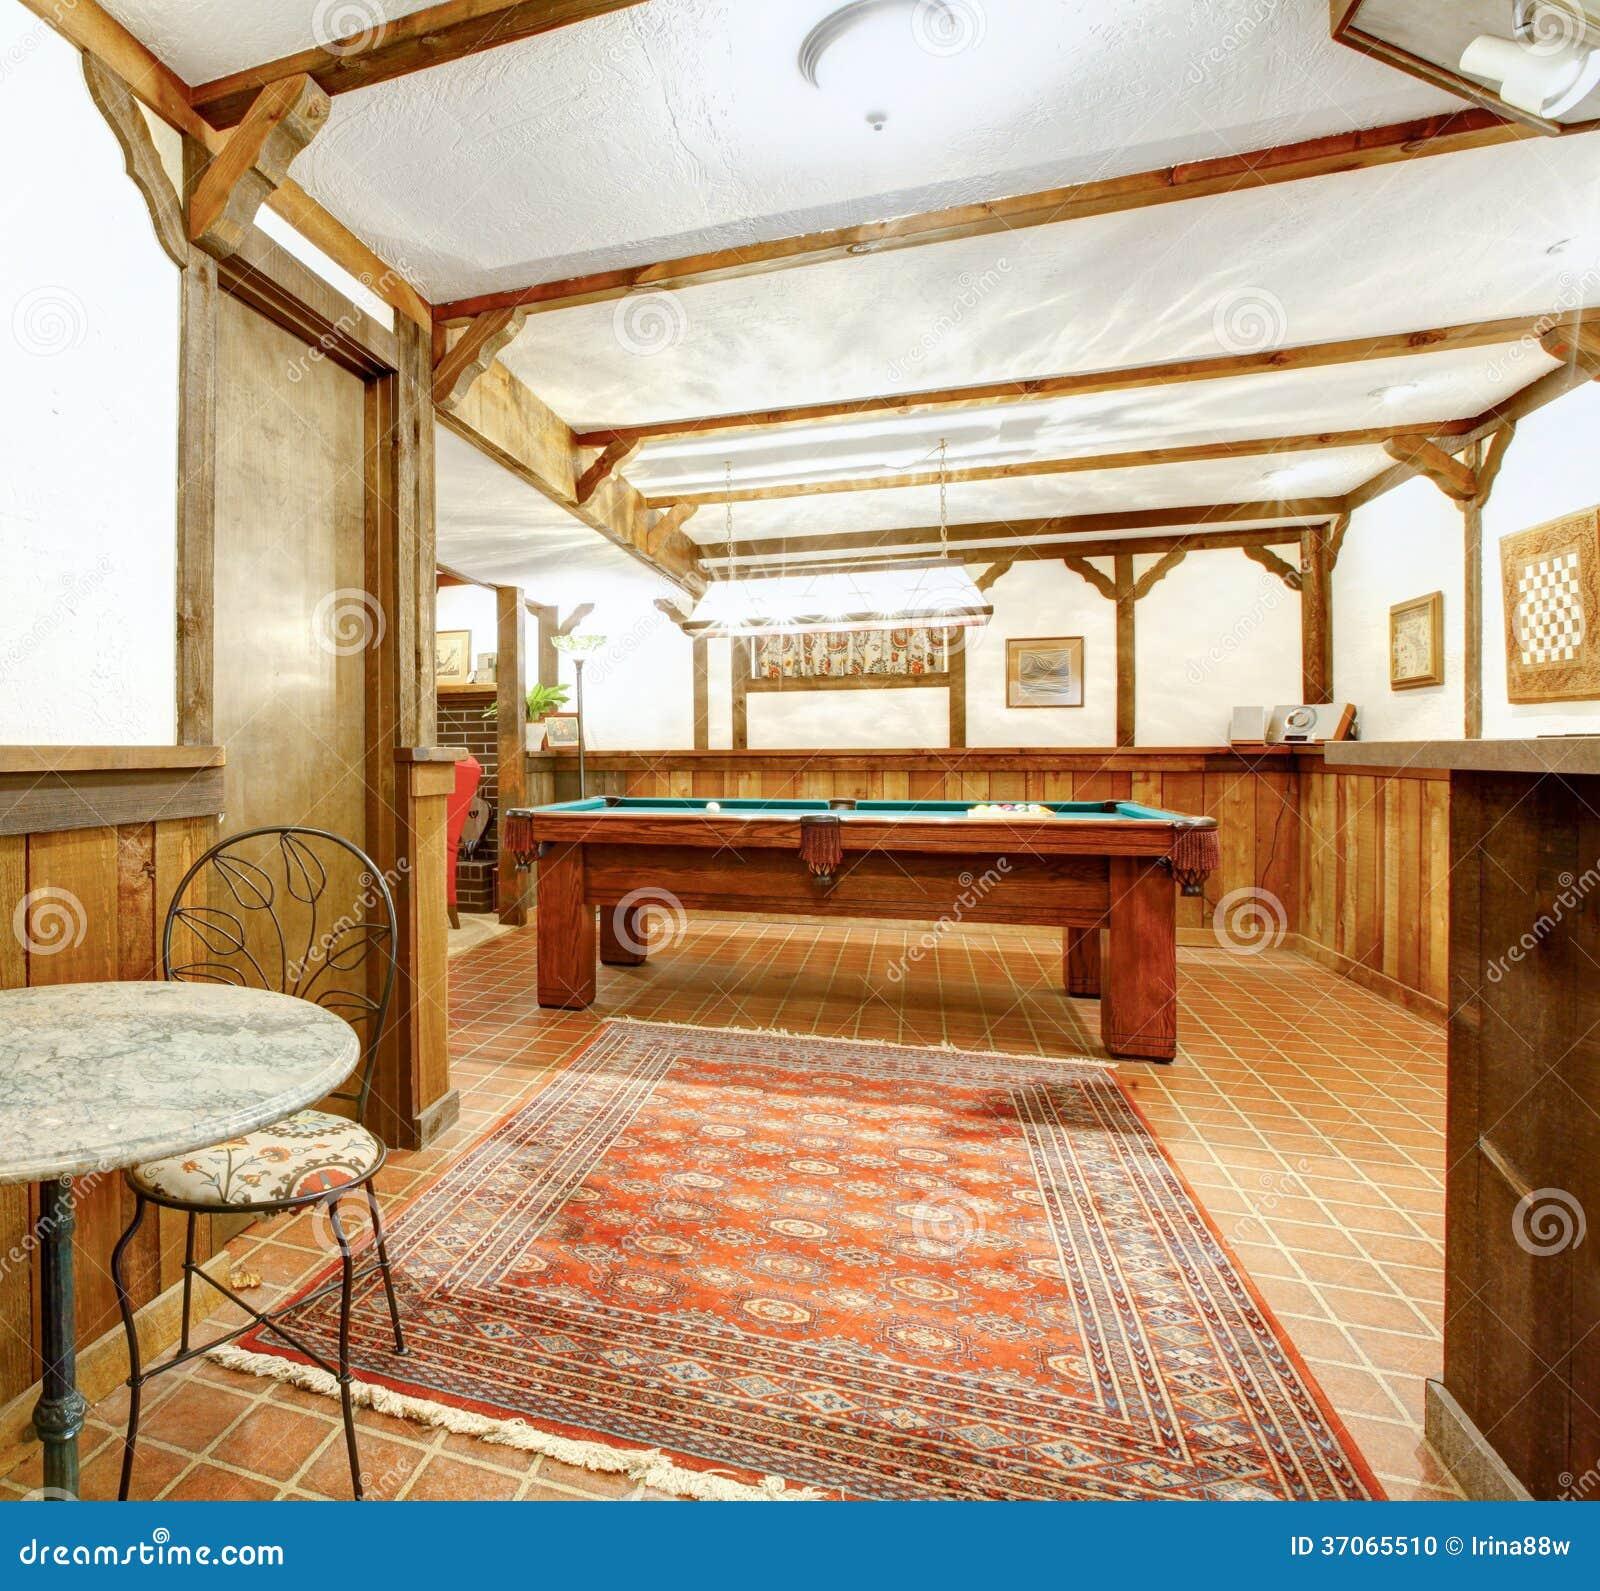 Sala de estar de madera r stica bar y mesa de billar foto for Bar madera rustica